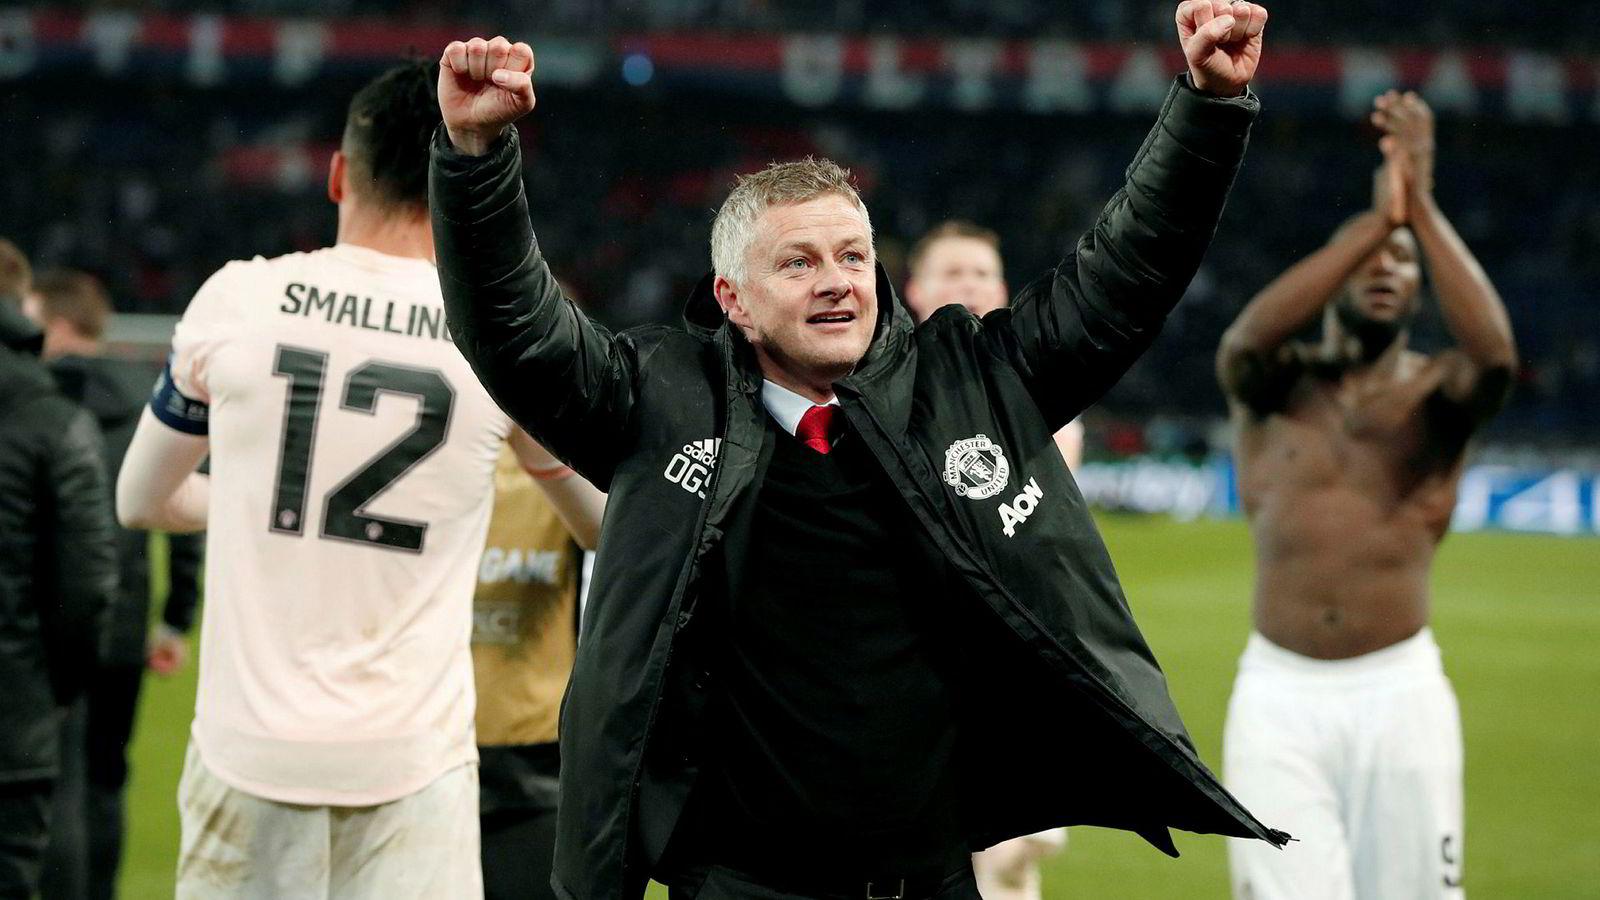 Ole Gunnar Solskjærs Manchester United slo onsdag franske PSG i Paris. Nå slår SAS til med flere direkteflyvninger til Manchester for fotballgale nordmenn.